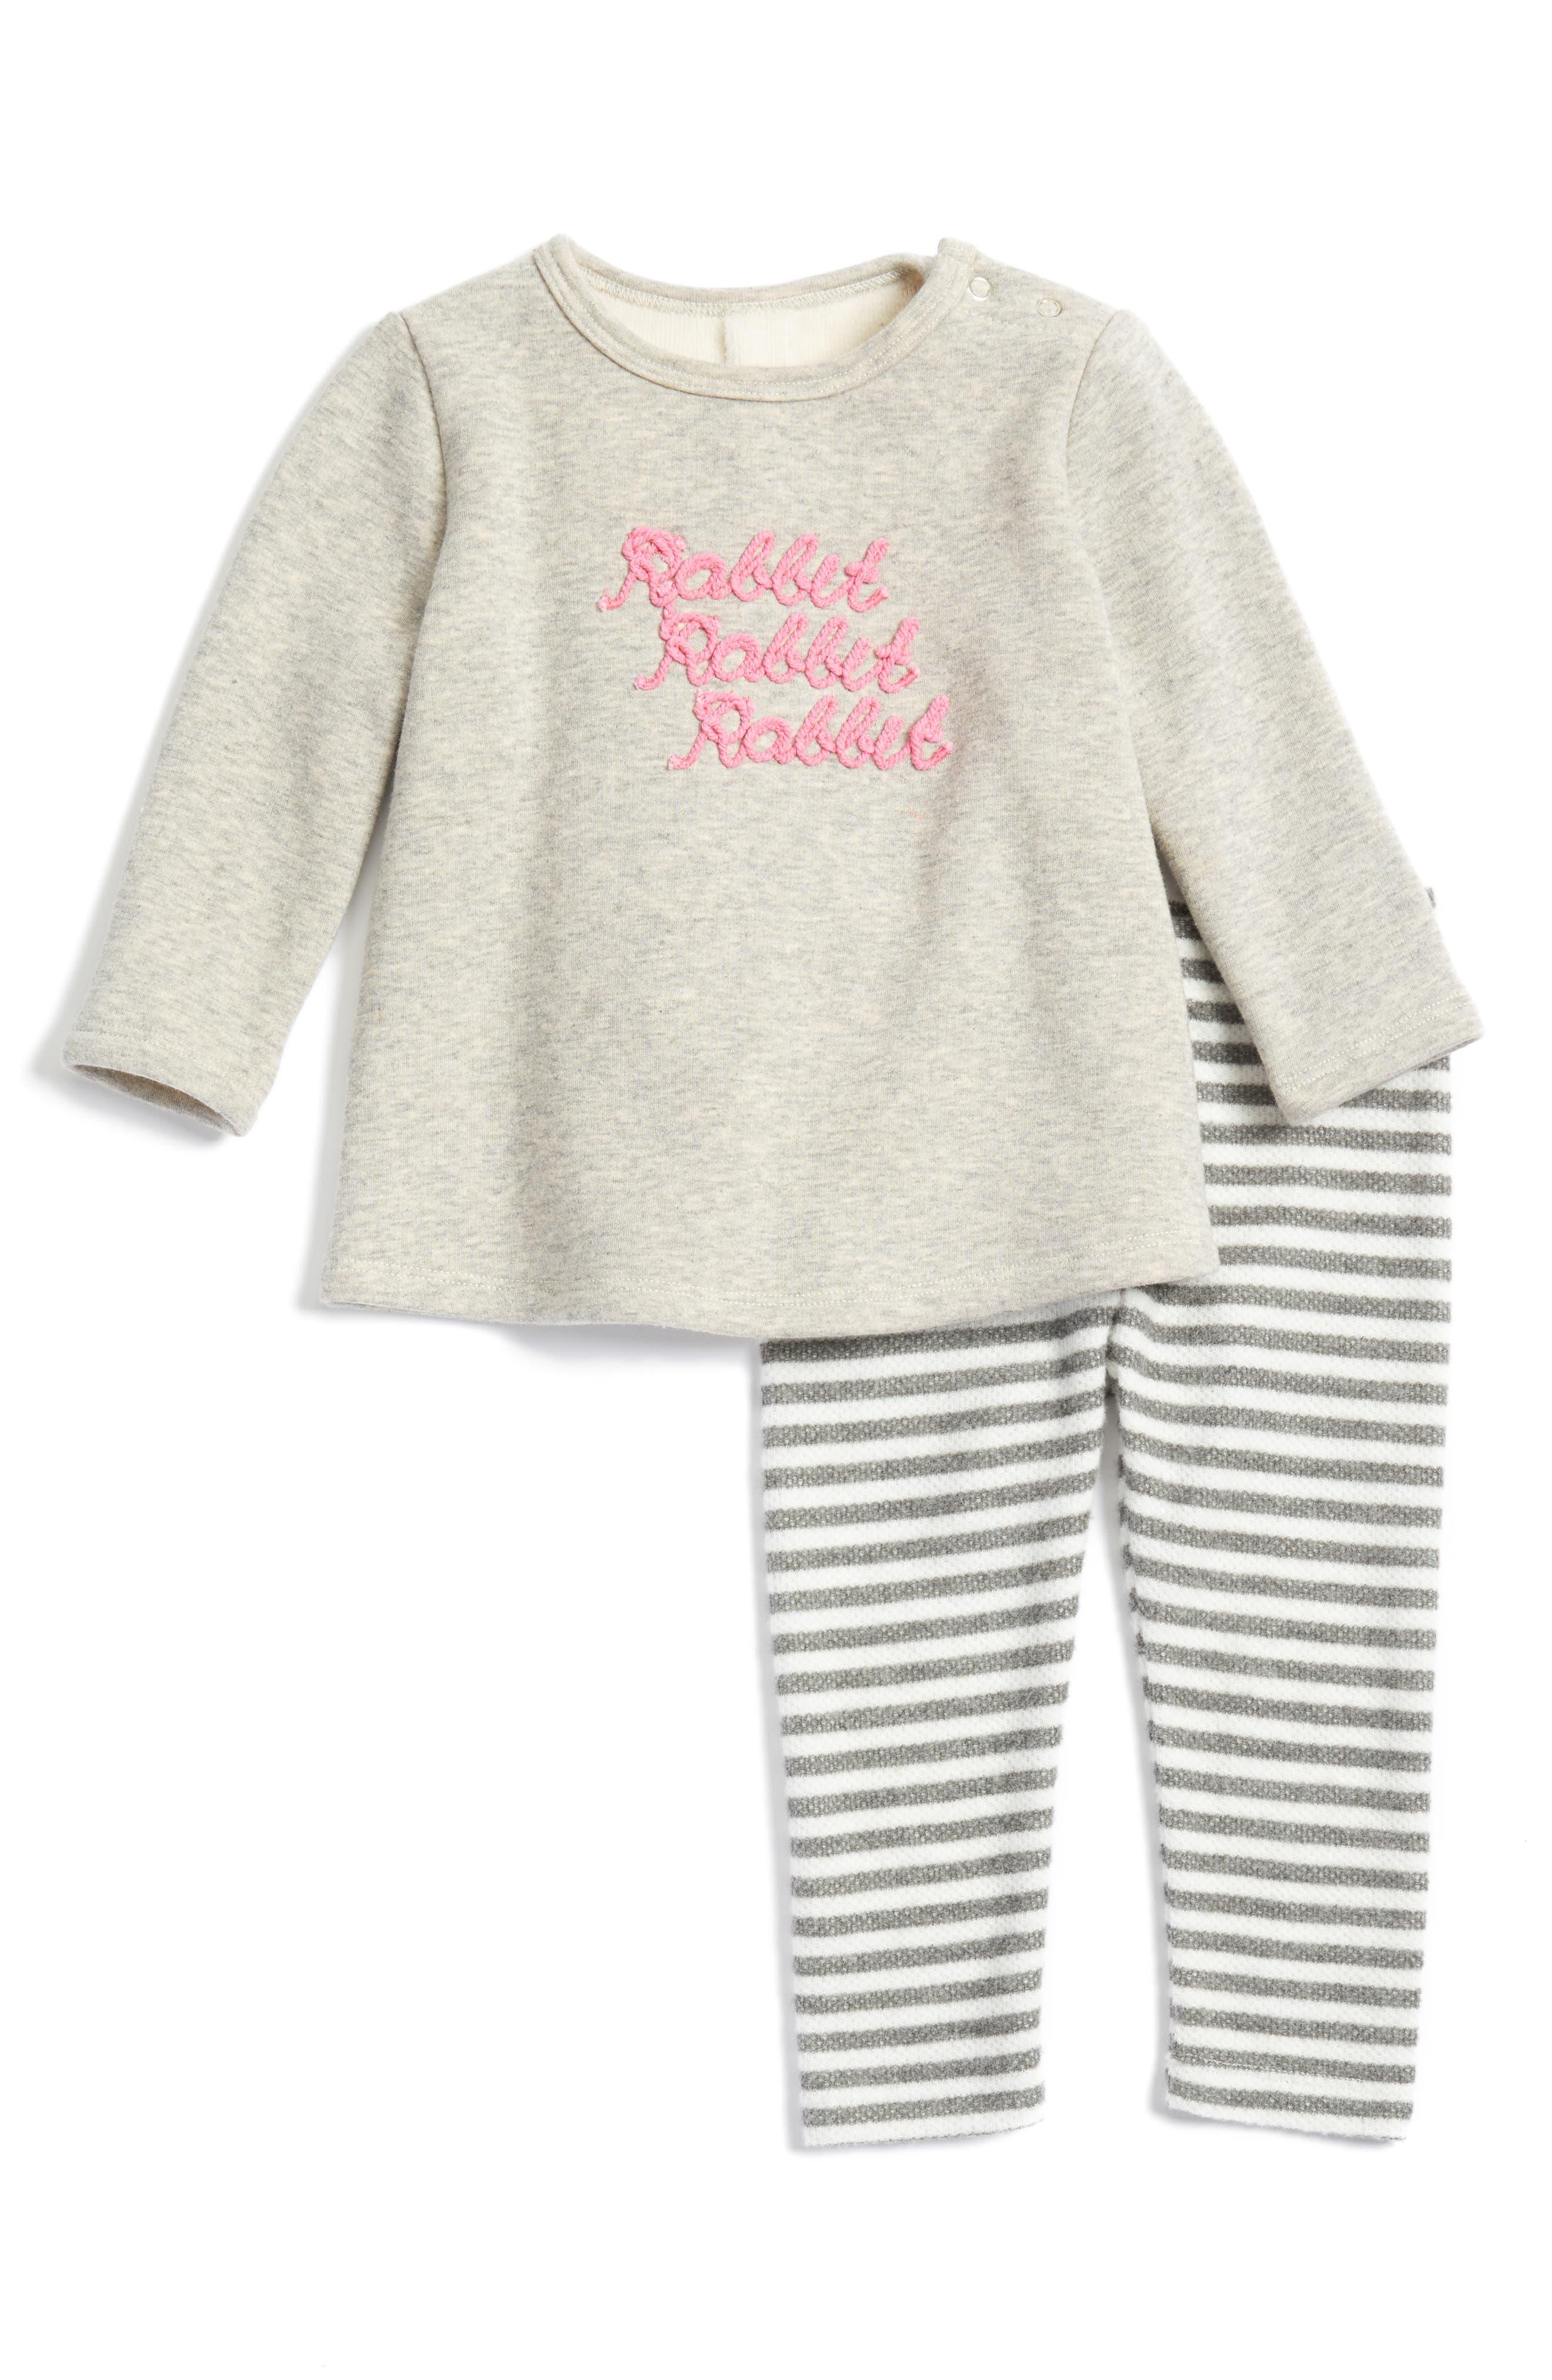 Alternate Image 1 Selected - Nordstrom Baby Fleece Tunic & Leggings Set (Baby Girls)